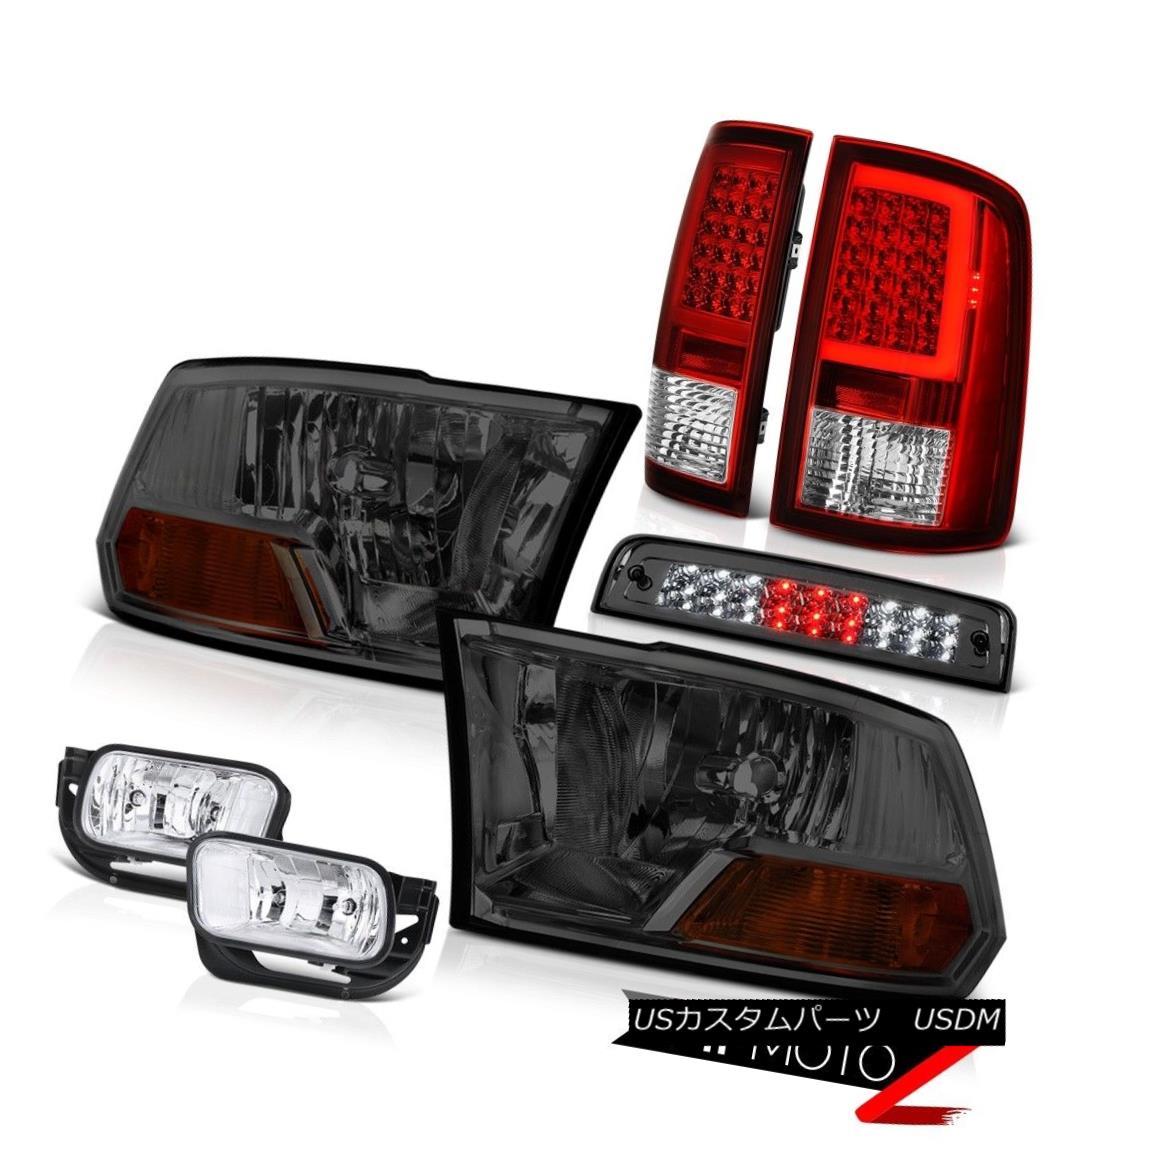 テールライト 2009-2013 Dodge RAM 1500 Red Tail Lamp Fog Brake Light Factory Style Head Lamp 2009-2013ダッジRAM 1500レッドテールランプフォグブレーキライト工場スタイルヘッドランプ